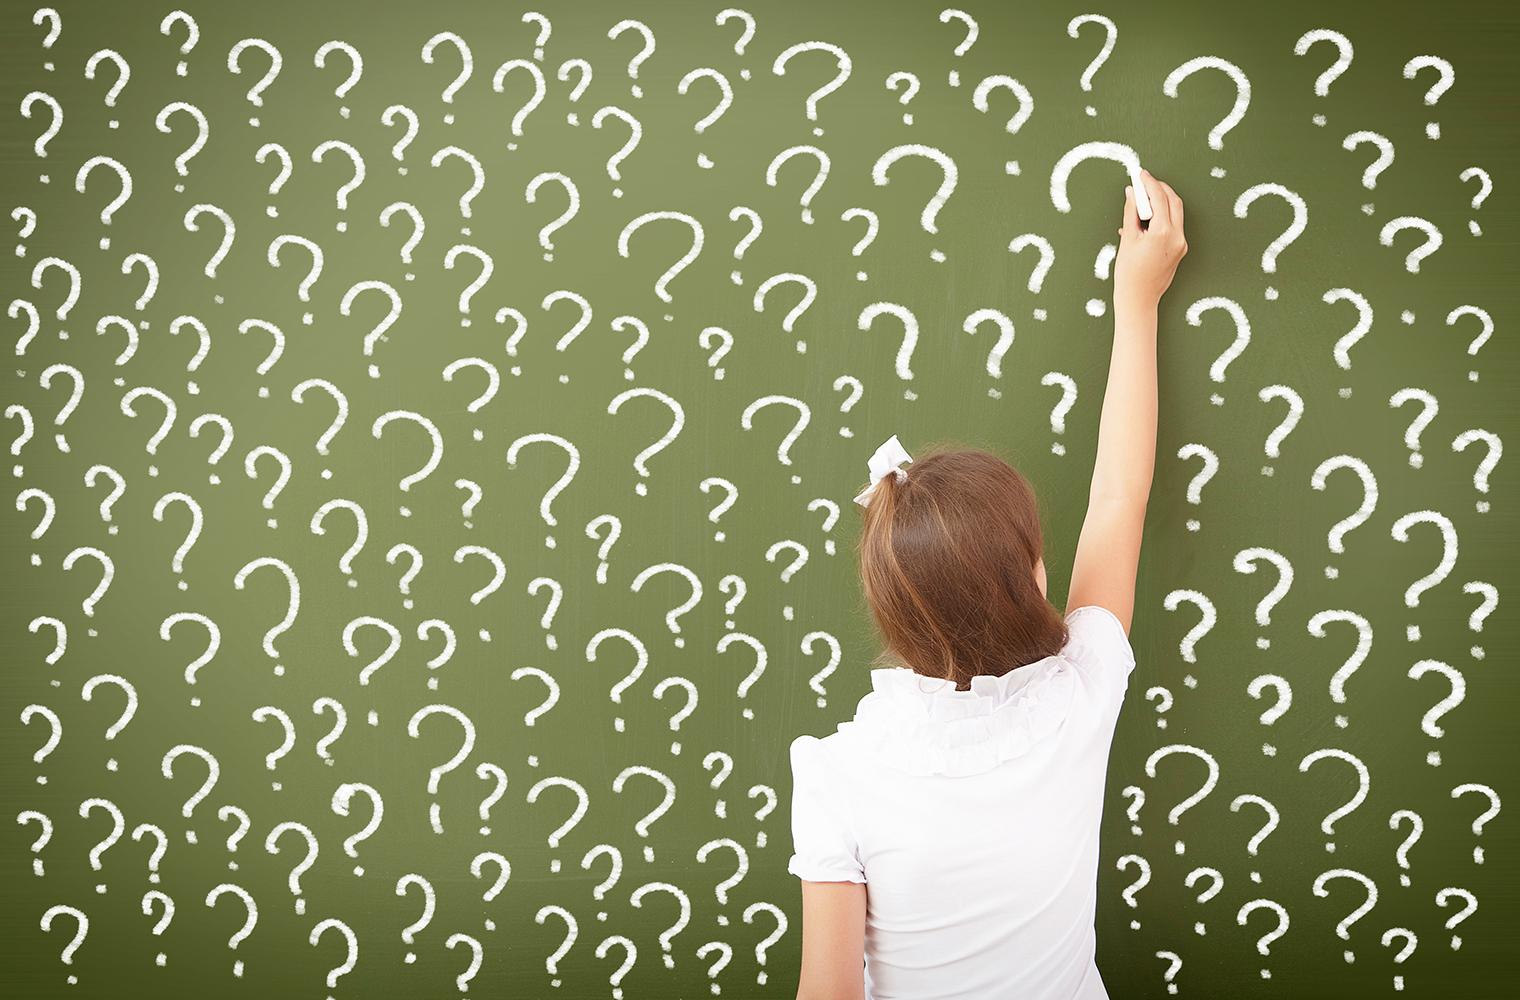 Have you seen the new Maths GCSE grades 1 to 9 grade descriptors?